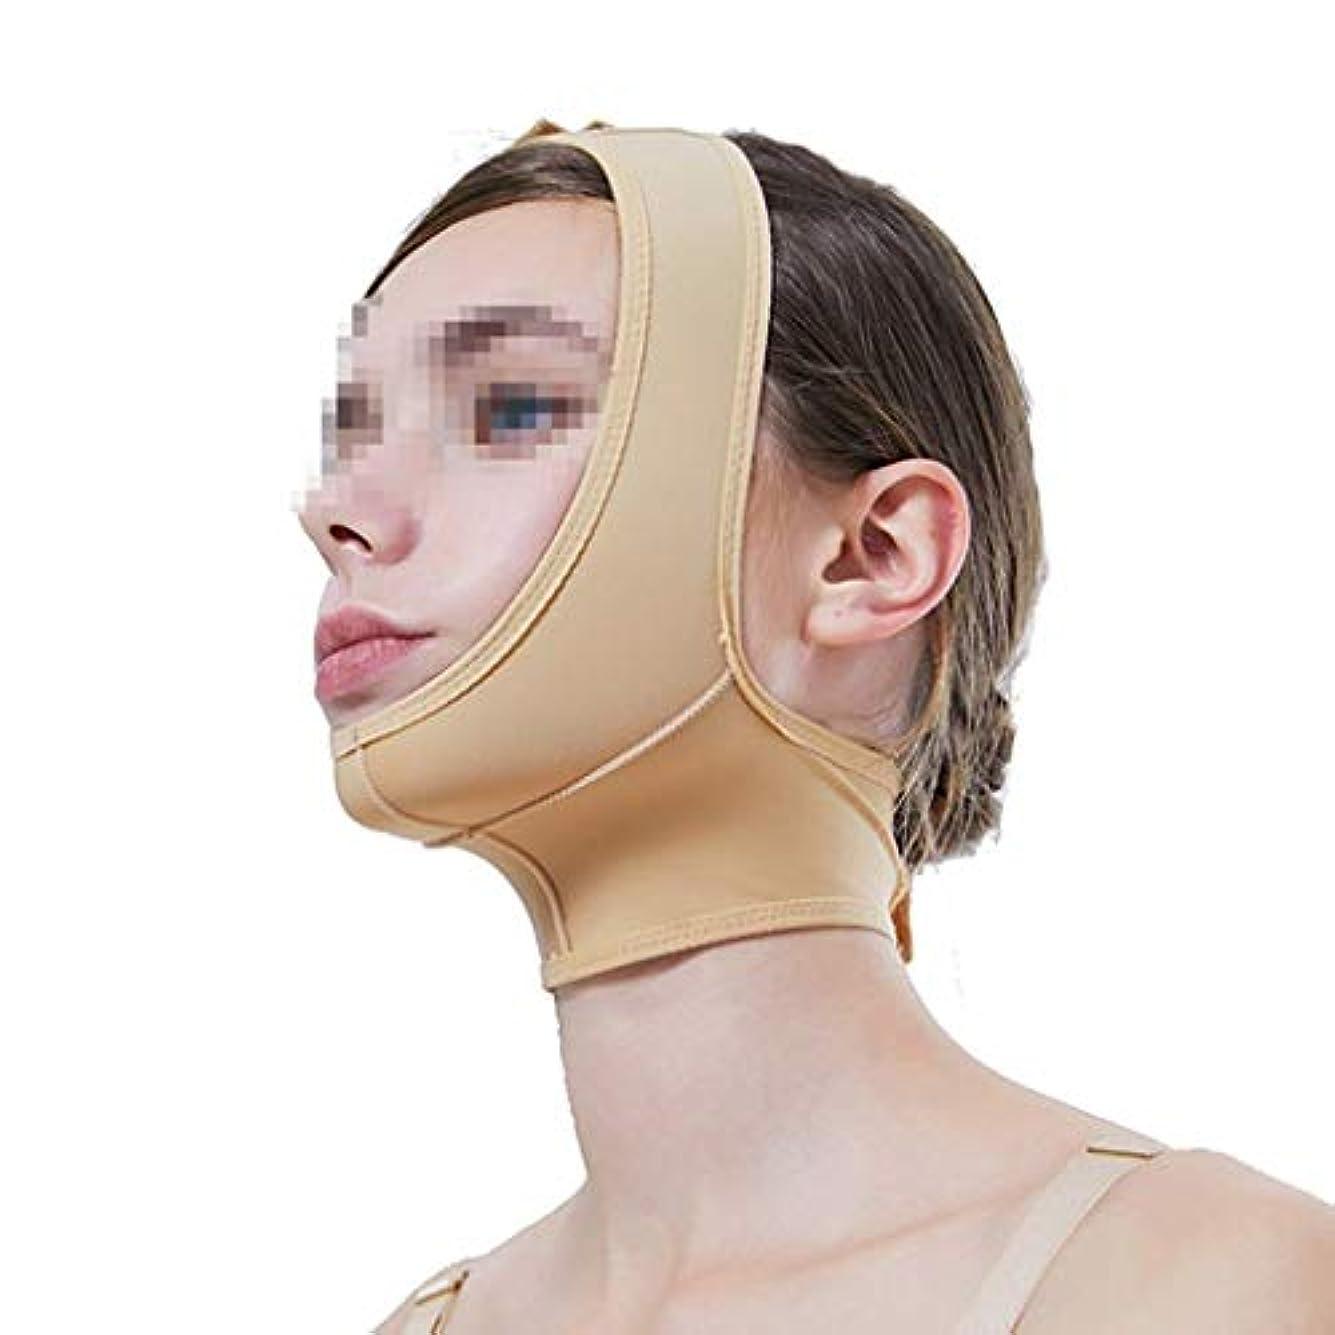 鎖前兆最近弾性の薄いフェイスフード、下顎スリーブ術後の弾性スリーブのフェイスVフェイスマスク付きの薄いダブルチンビーストバーマルチサイズオプション(サイズ:M)